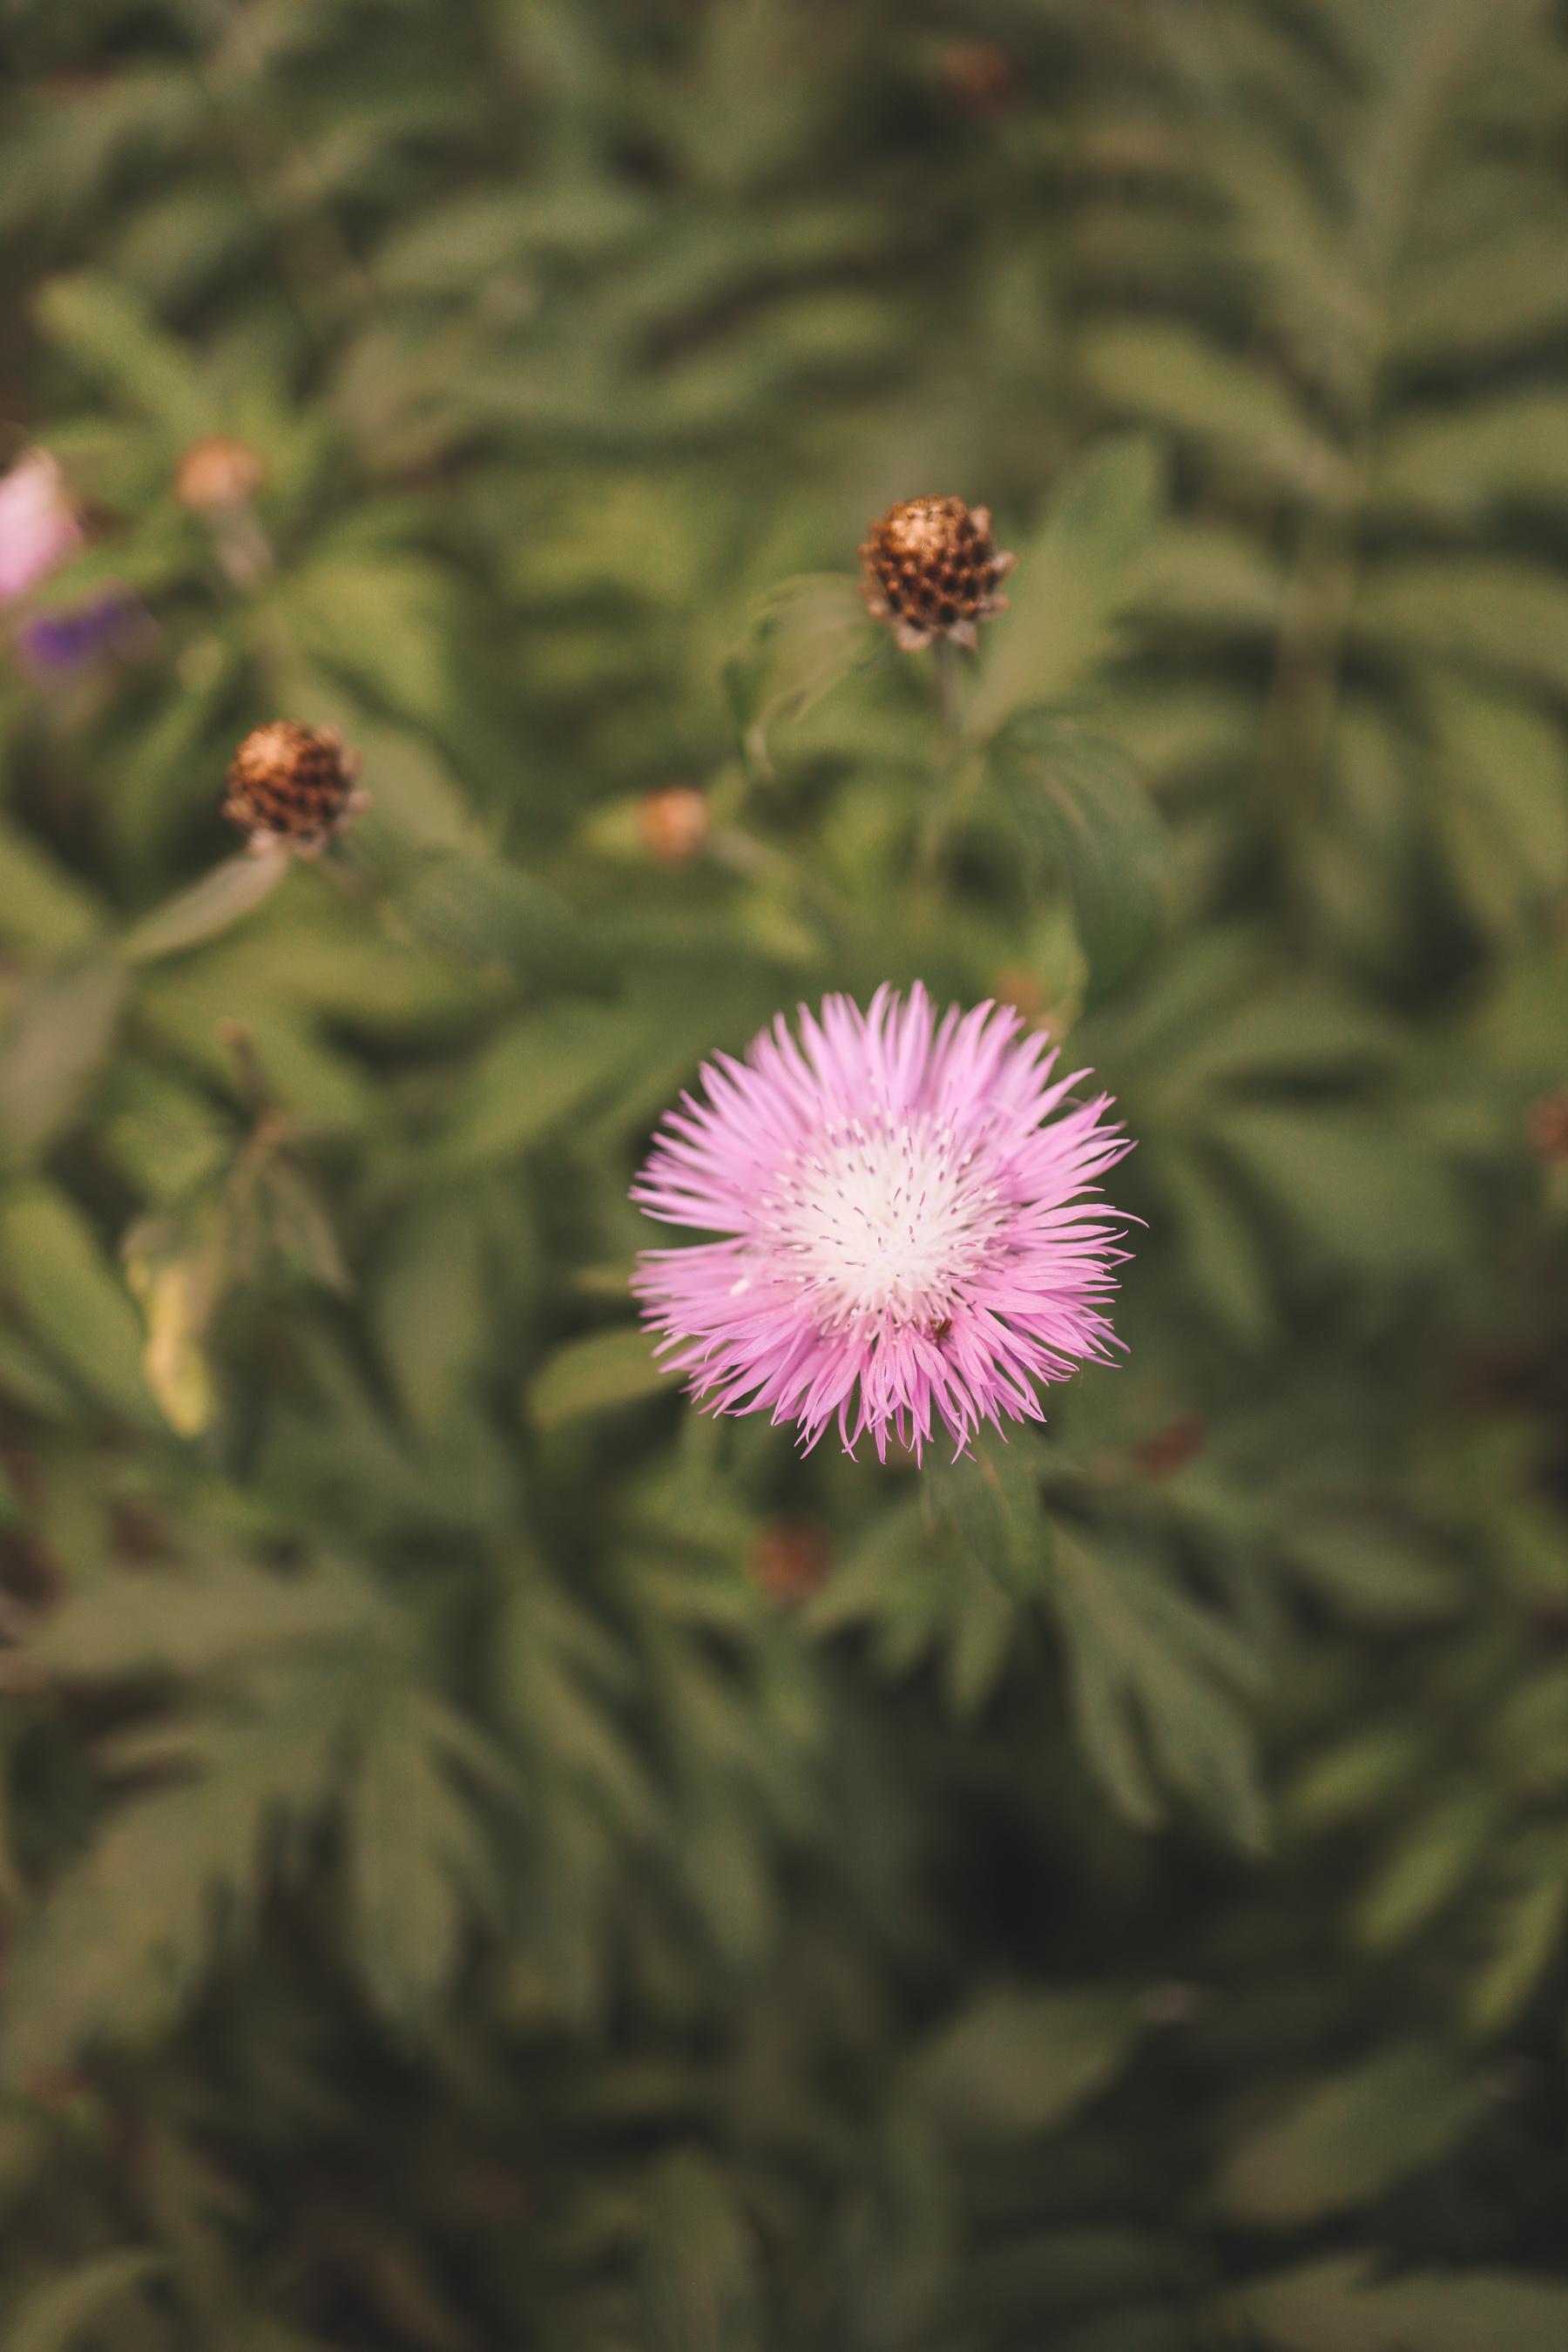 flower shot